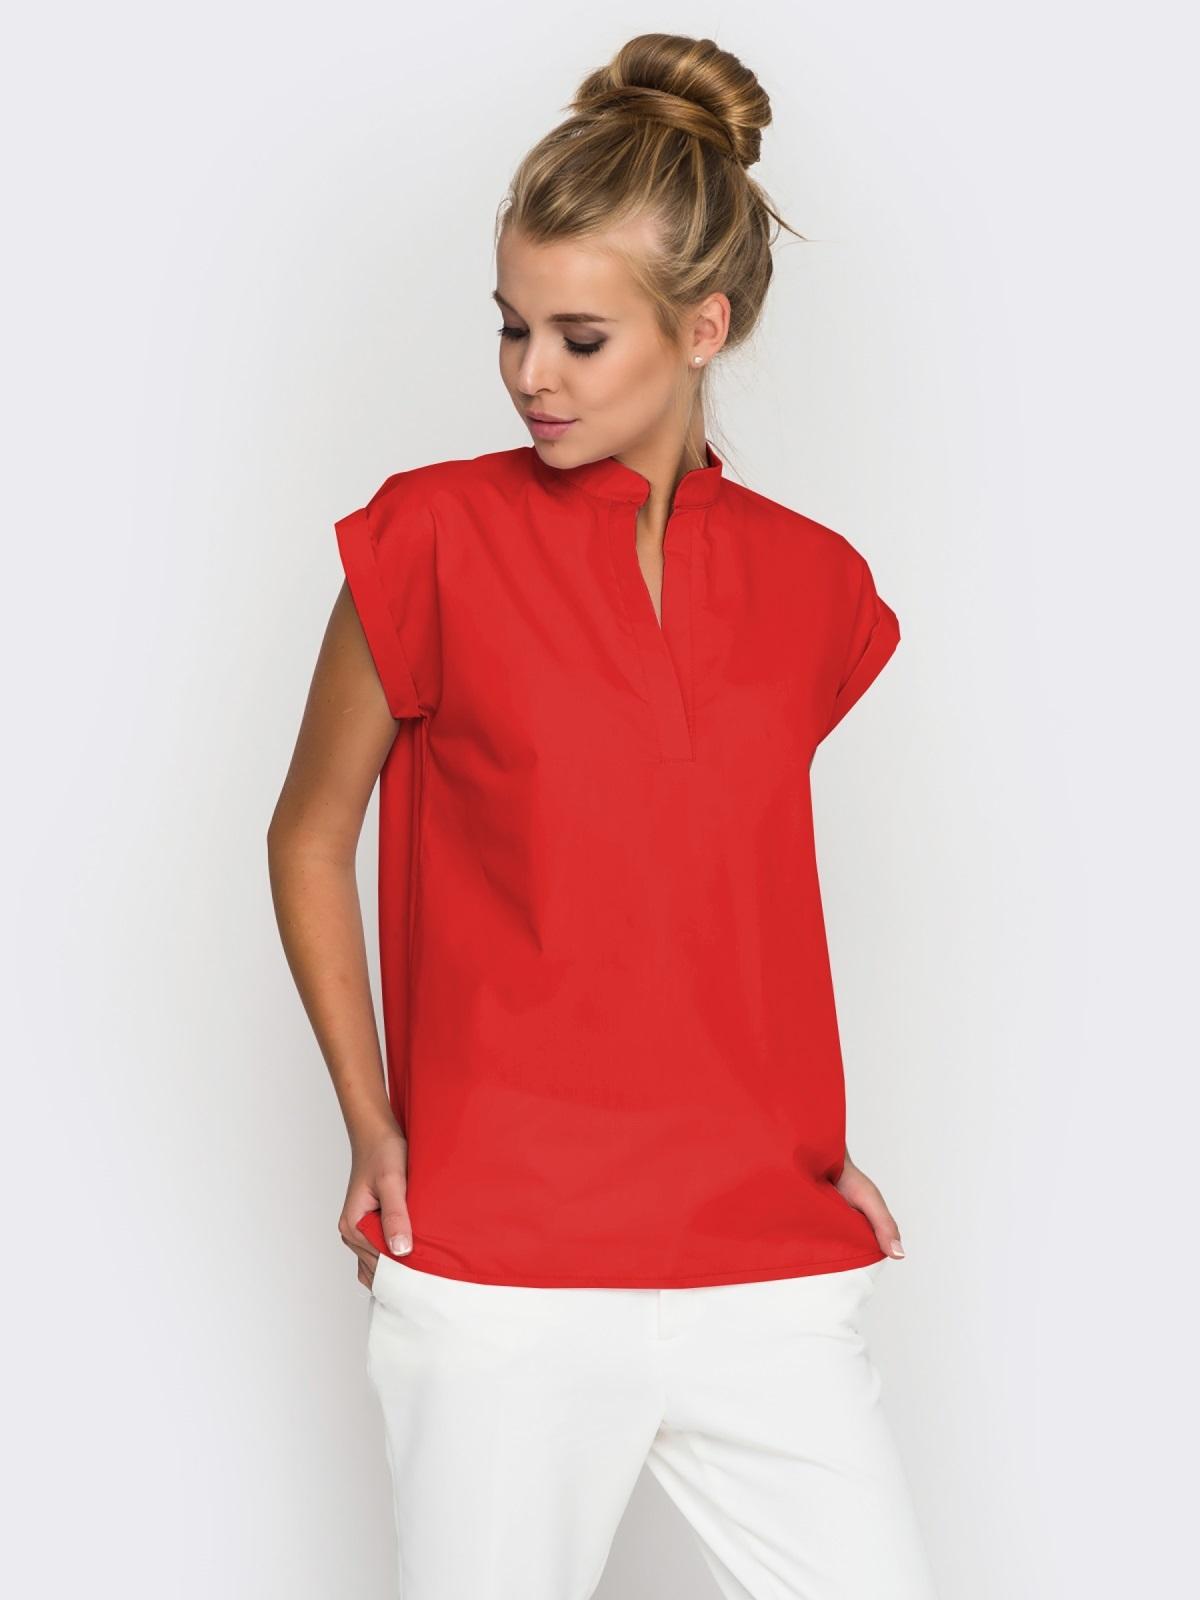 Хлопковая блузка прямого кроя красная - 38731, фото 1 – интернет-магазин Dressa